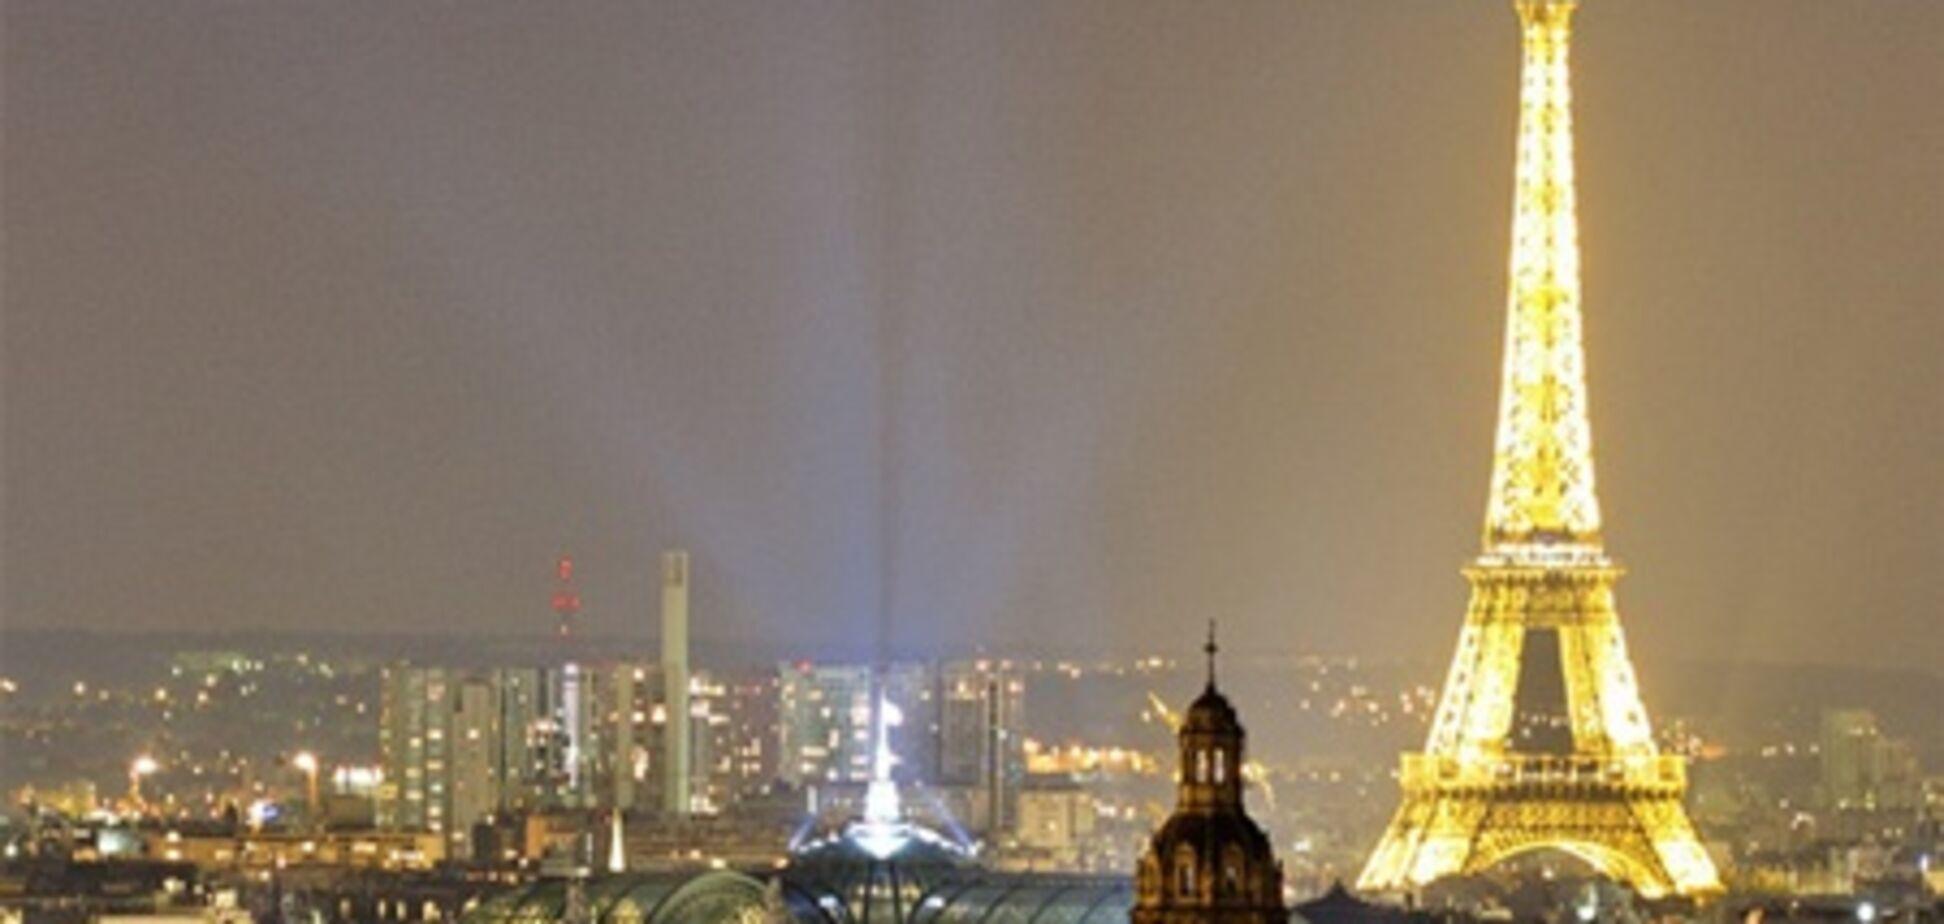 Недвижимость Франции: шик, блеск, дороговизна?